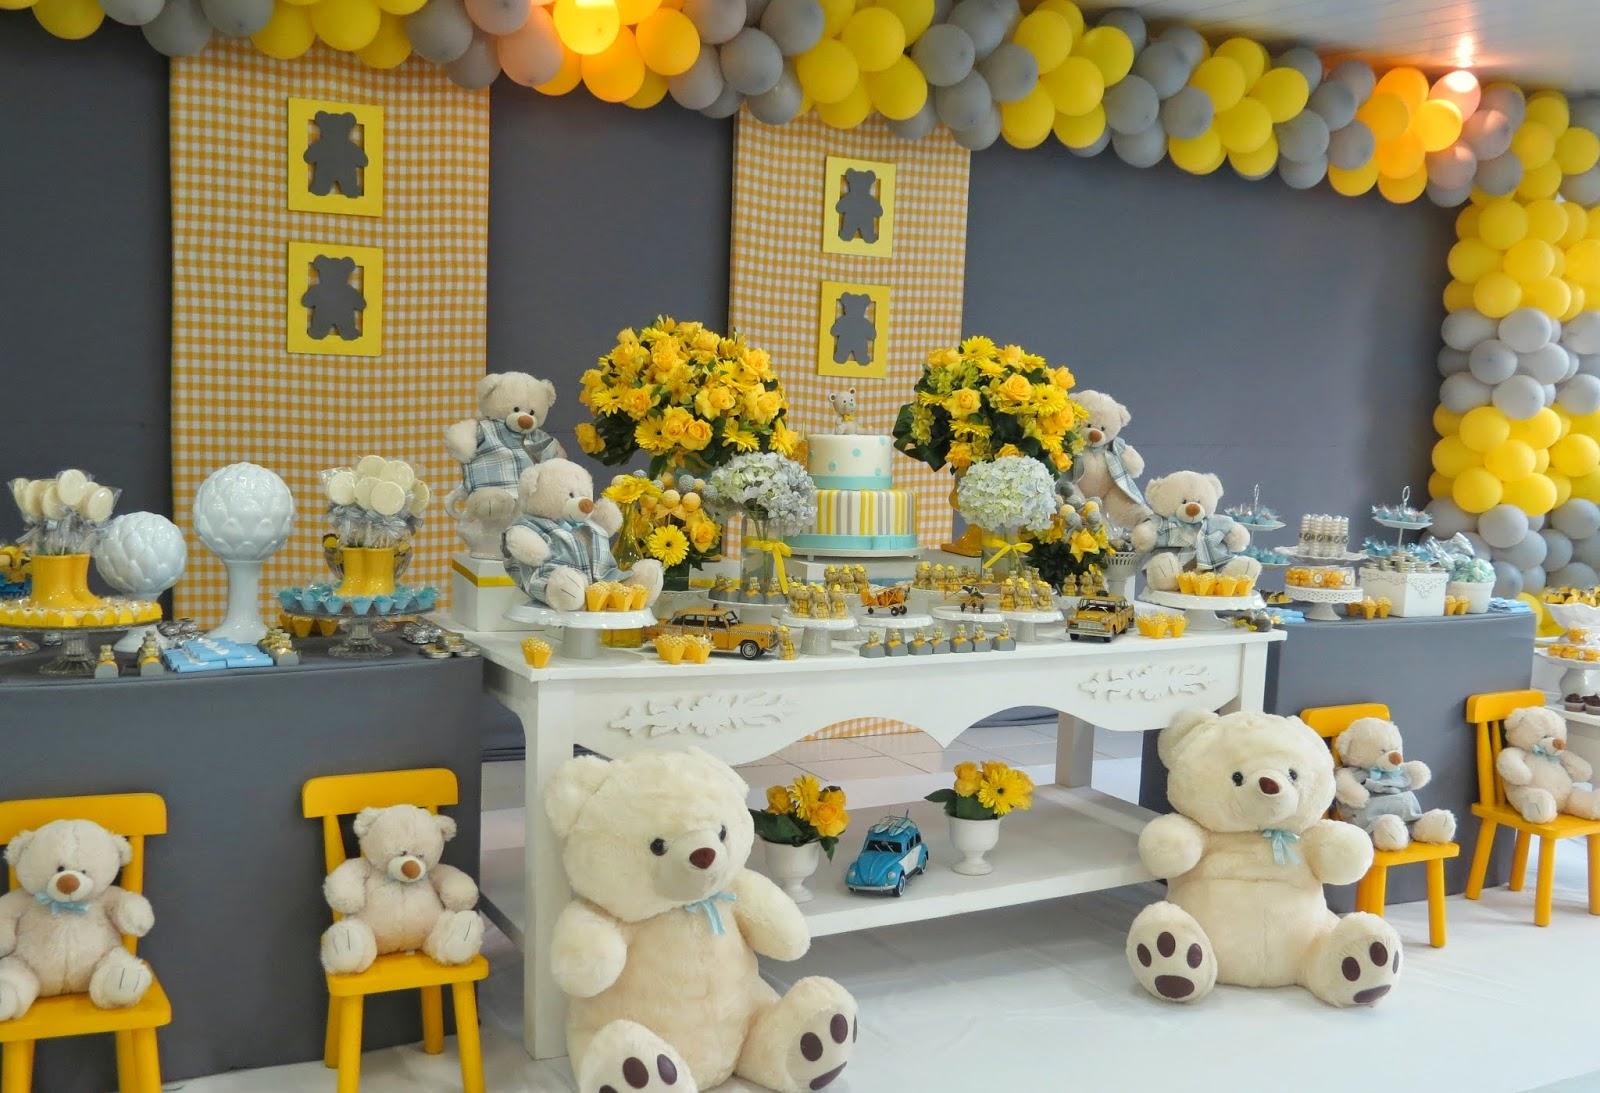 Provençal Site Oficial: Ursinho amarelo e cinza com muito estilo #B98D12 1600x1093 Banheiro Cinza E Amarelo